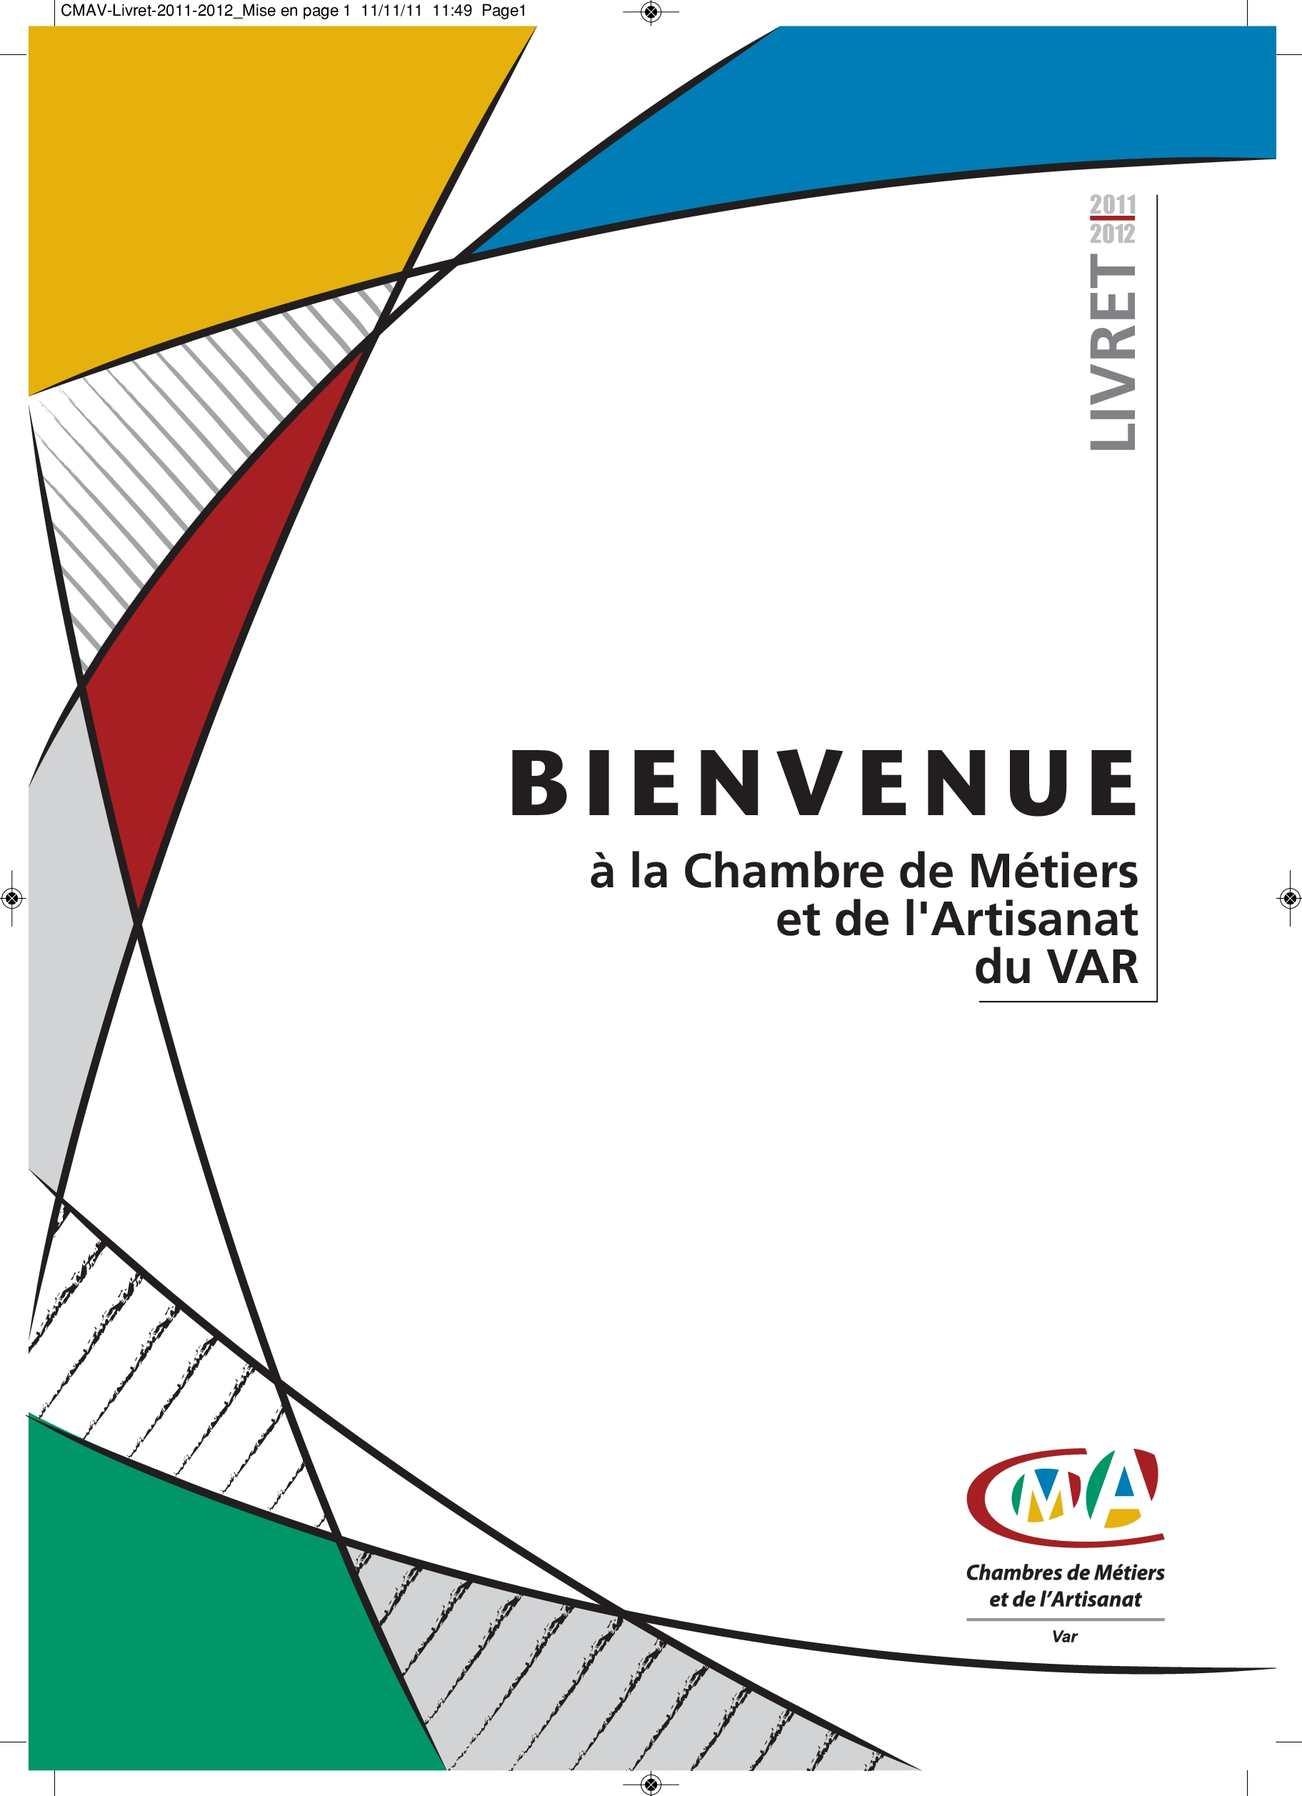 Calam o livret d 39 accueil 2011 - Chambre des metiers du var ...